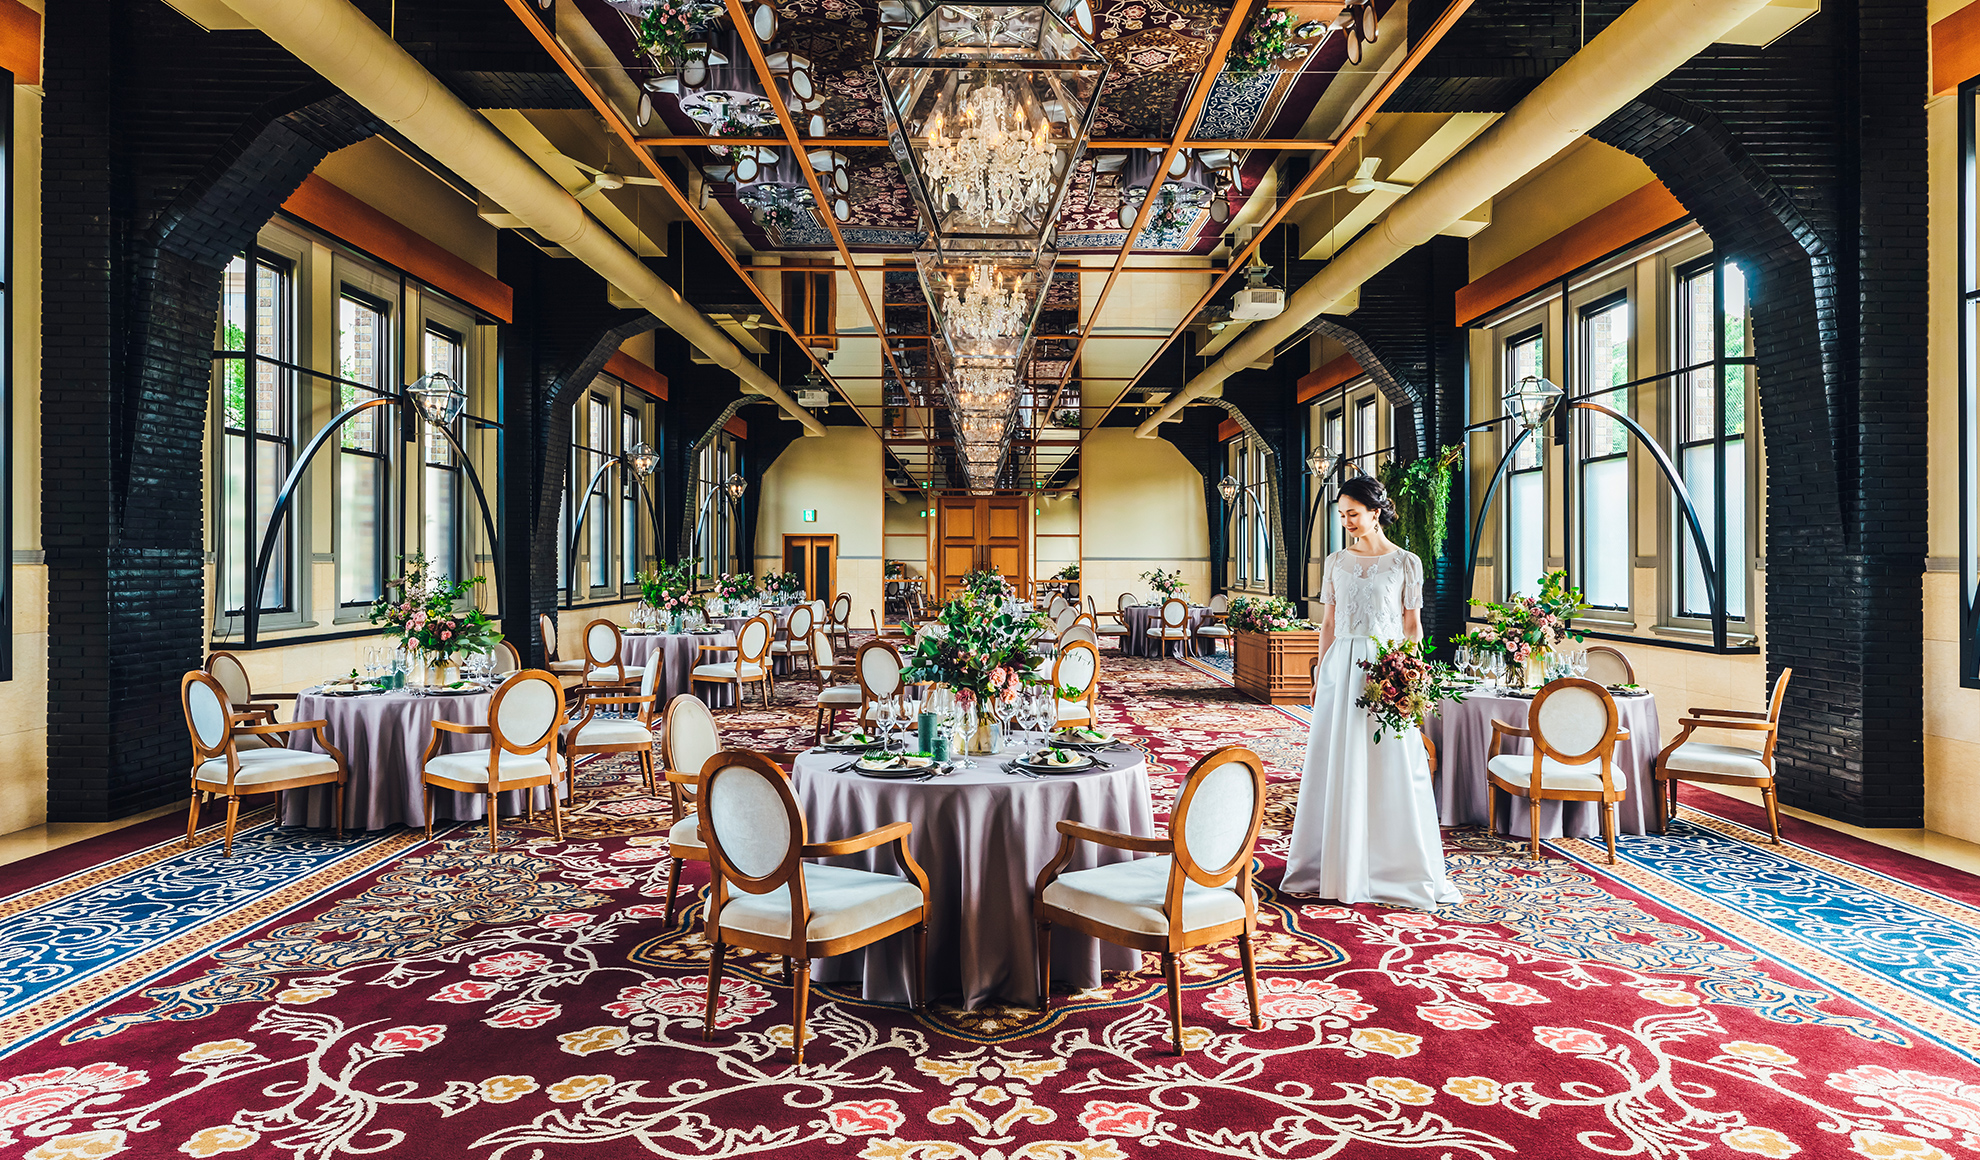 時の融合が織りなす美空間が、ゲストの想い出に華やかさを添えます